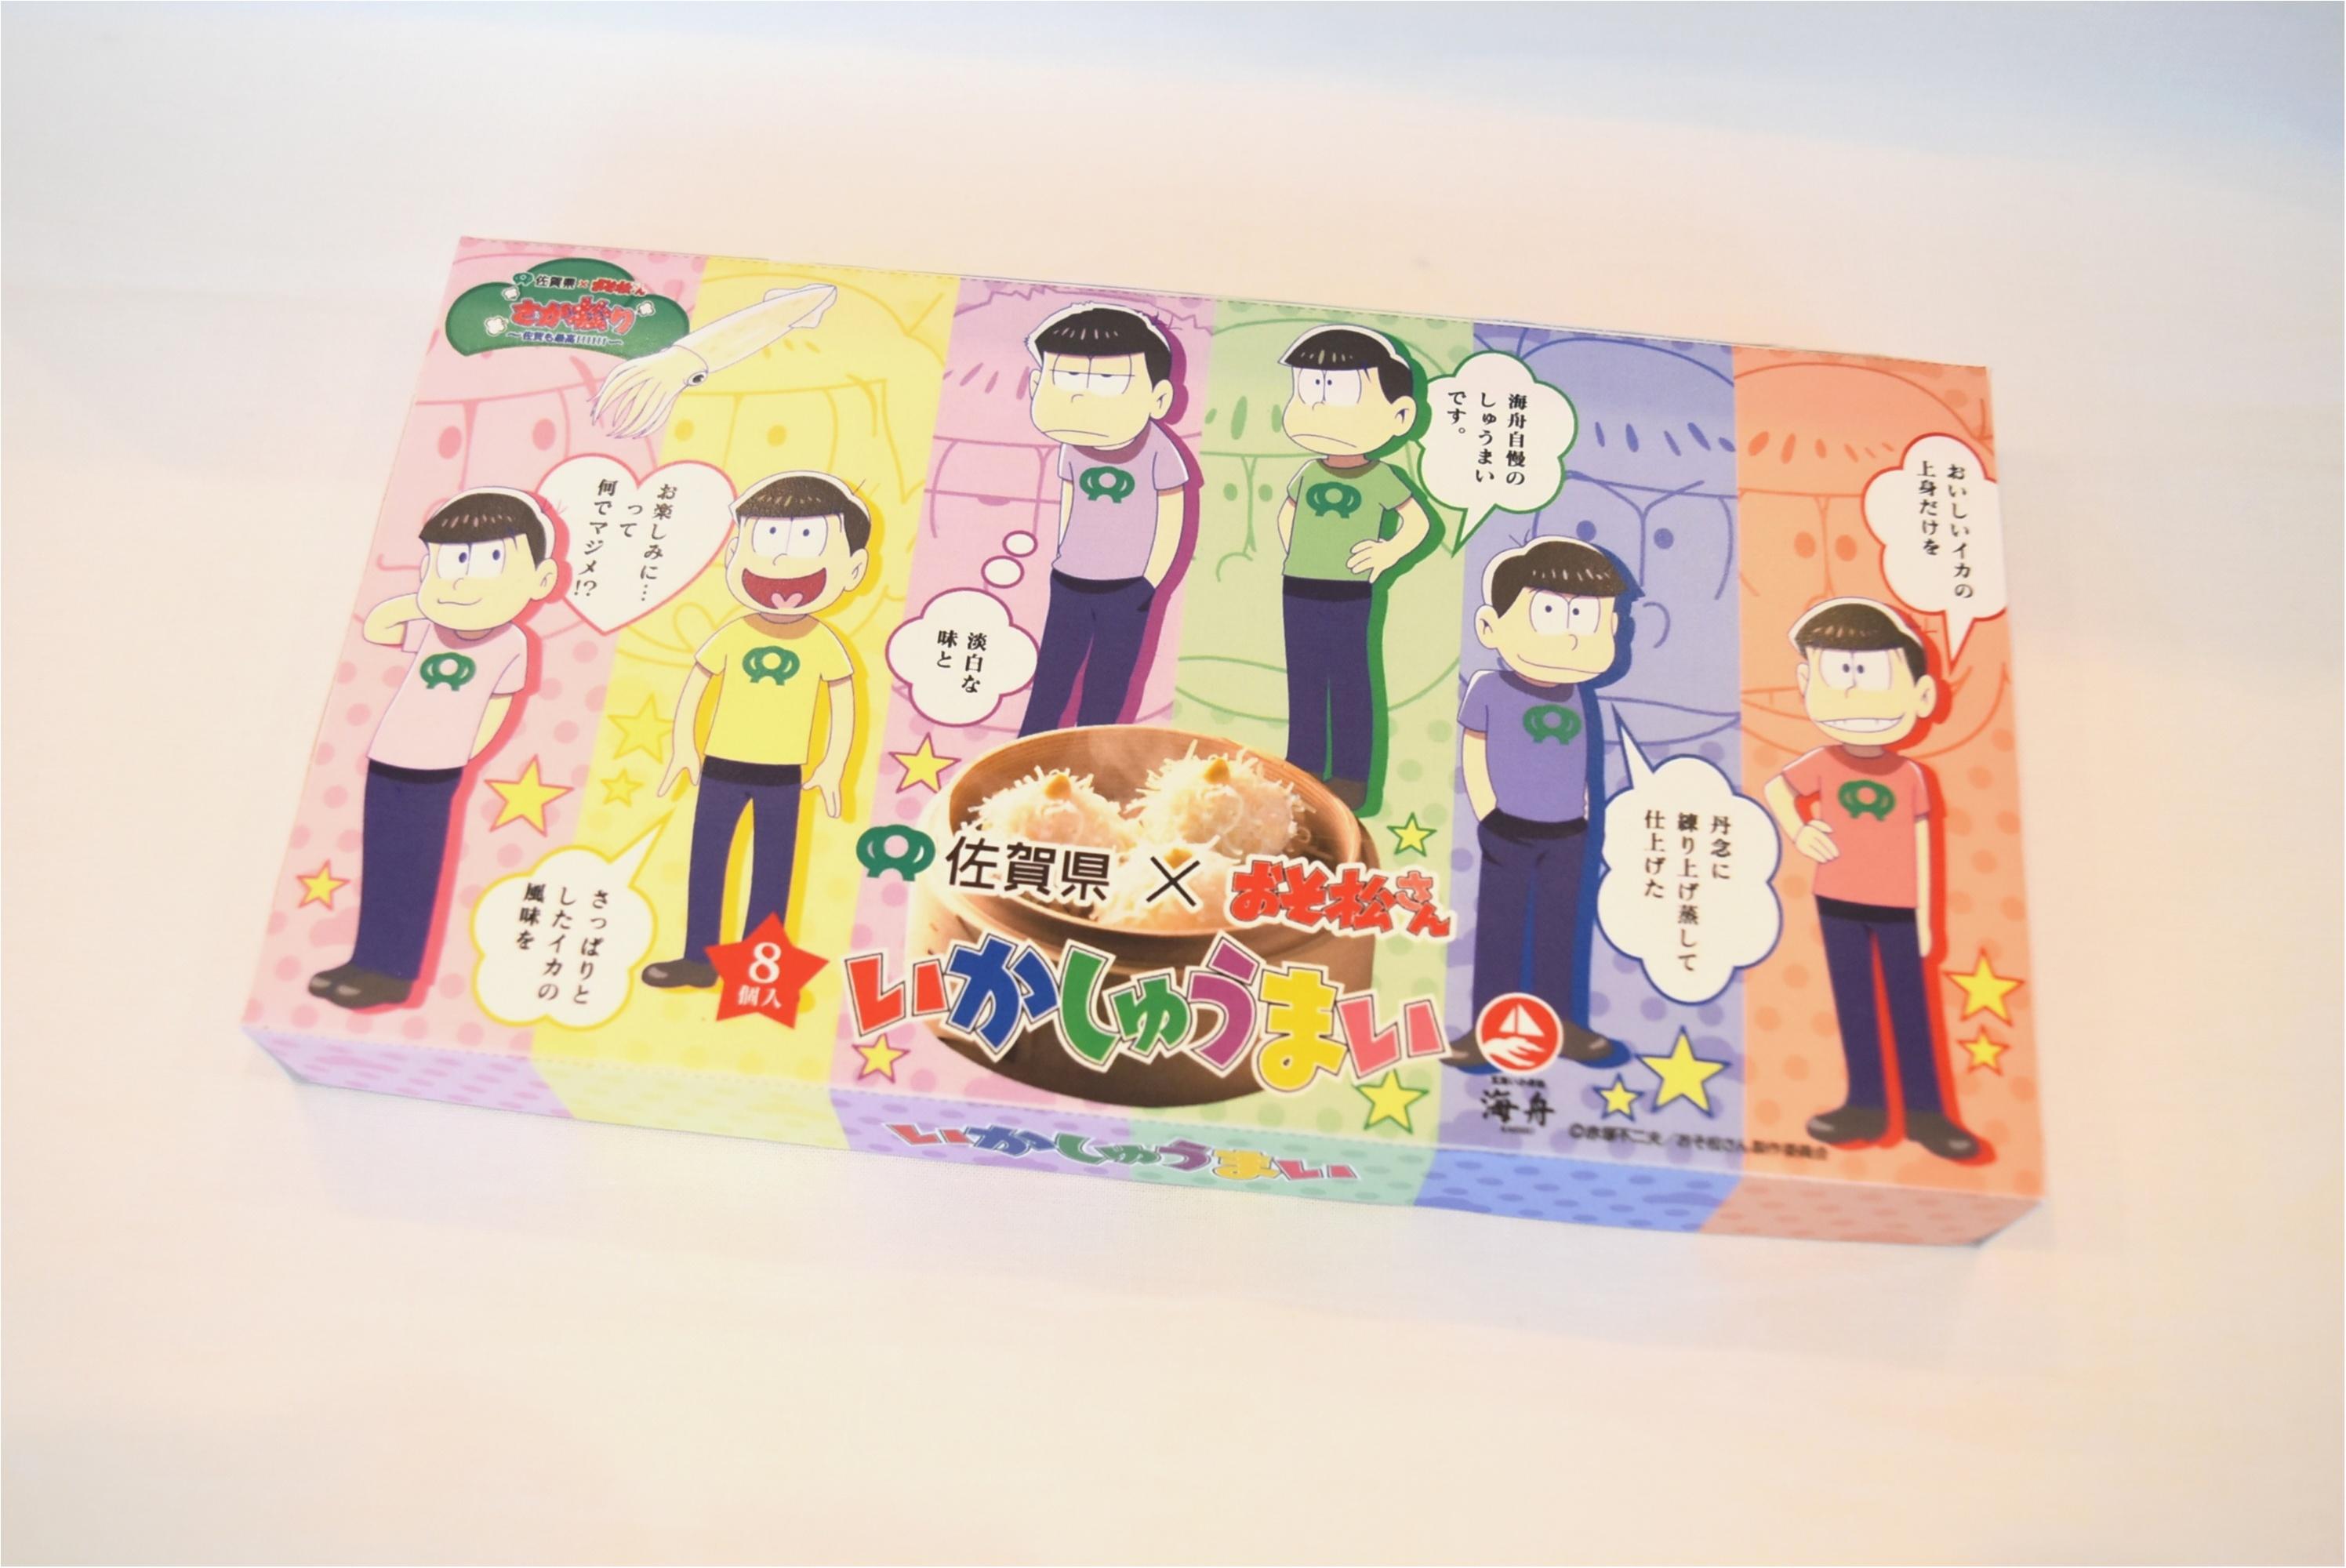 大人気の「おそ松さん」が佐賀県とコラボ!? 『さが松り居酒屋』で六つ子と一緒に飲んできました☆_6